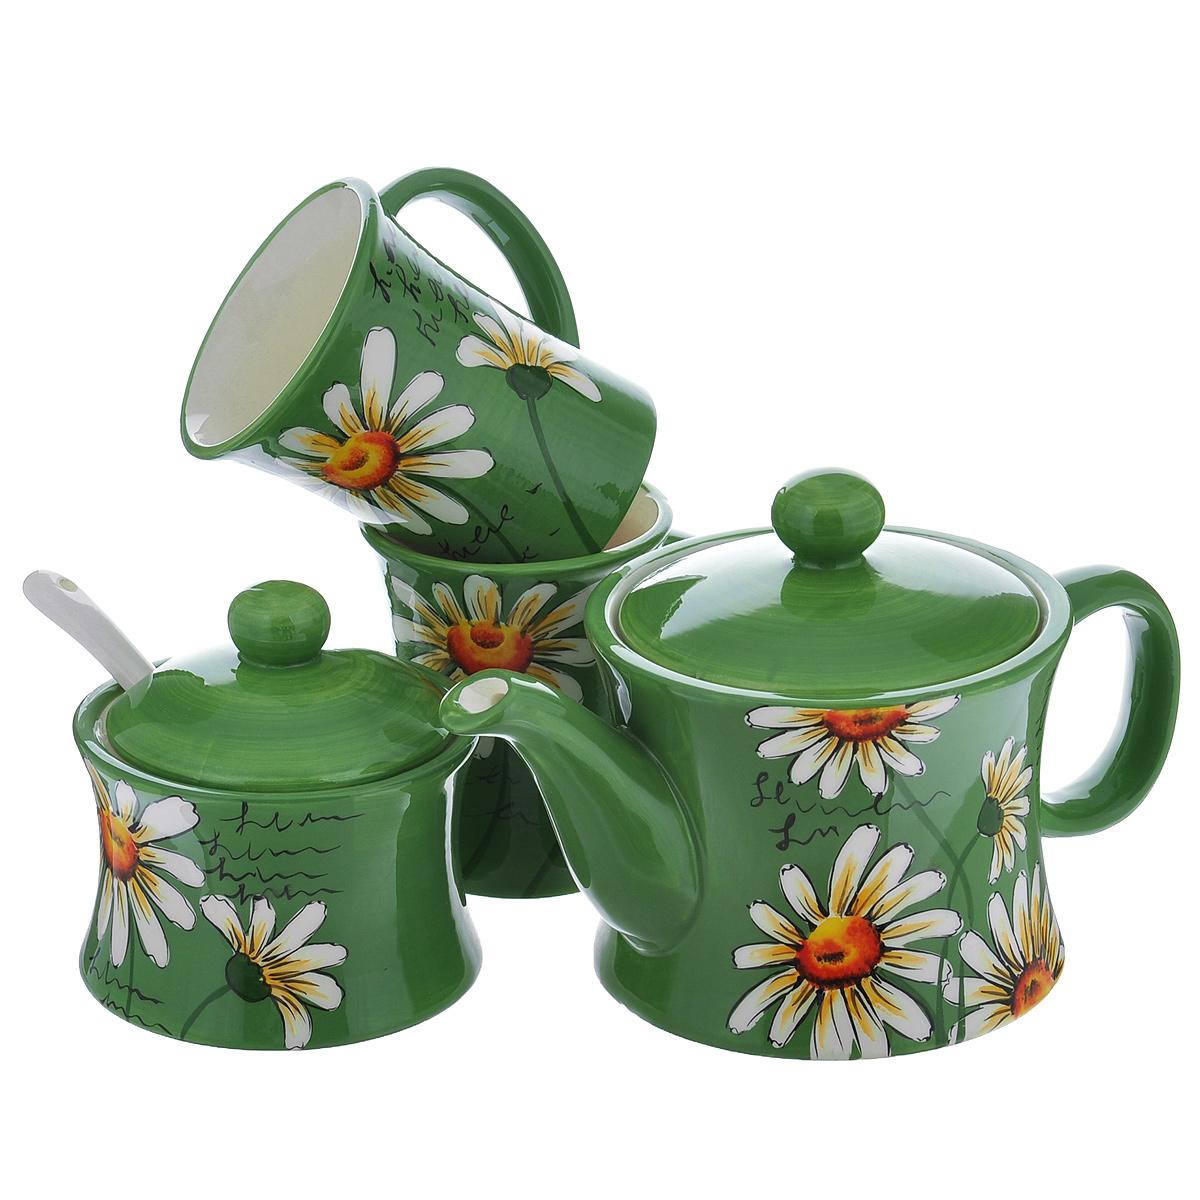 Набор чайный Ромашки, цвет: зеленый, 5 предметовDFC03901/00244/00262-02205 5/SНабор чайный Ромашки состоит из двух чашек, заварочного чайника и сахарницы с ложкой. Набор выполнен из доломитовой керамики и декорирован изображением цветов. Оригинальный дизайн, эстетичность и функциональность набора позволят ему стать достойным дополнением к кухонному инвентарю. Можно мыть в посудомоечной машине на минимальной температуре.